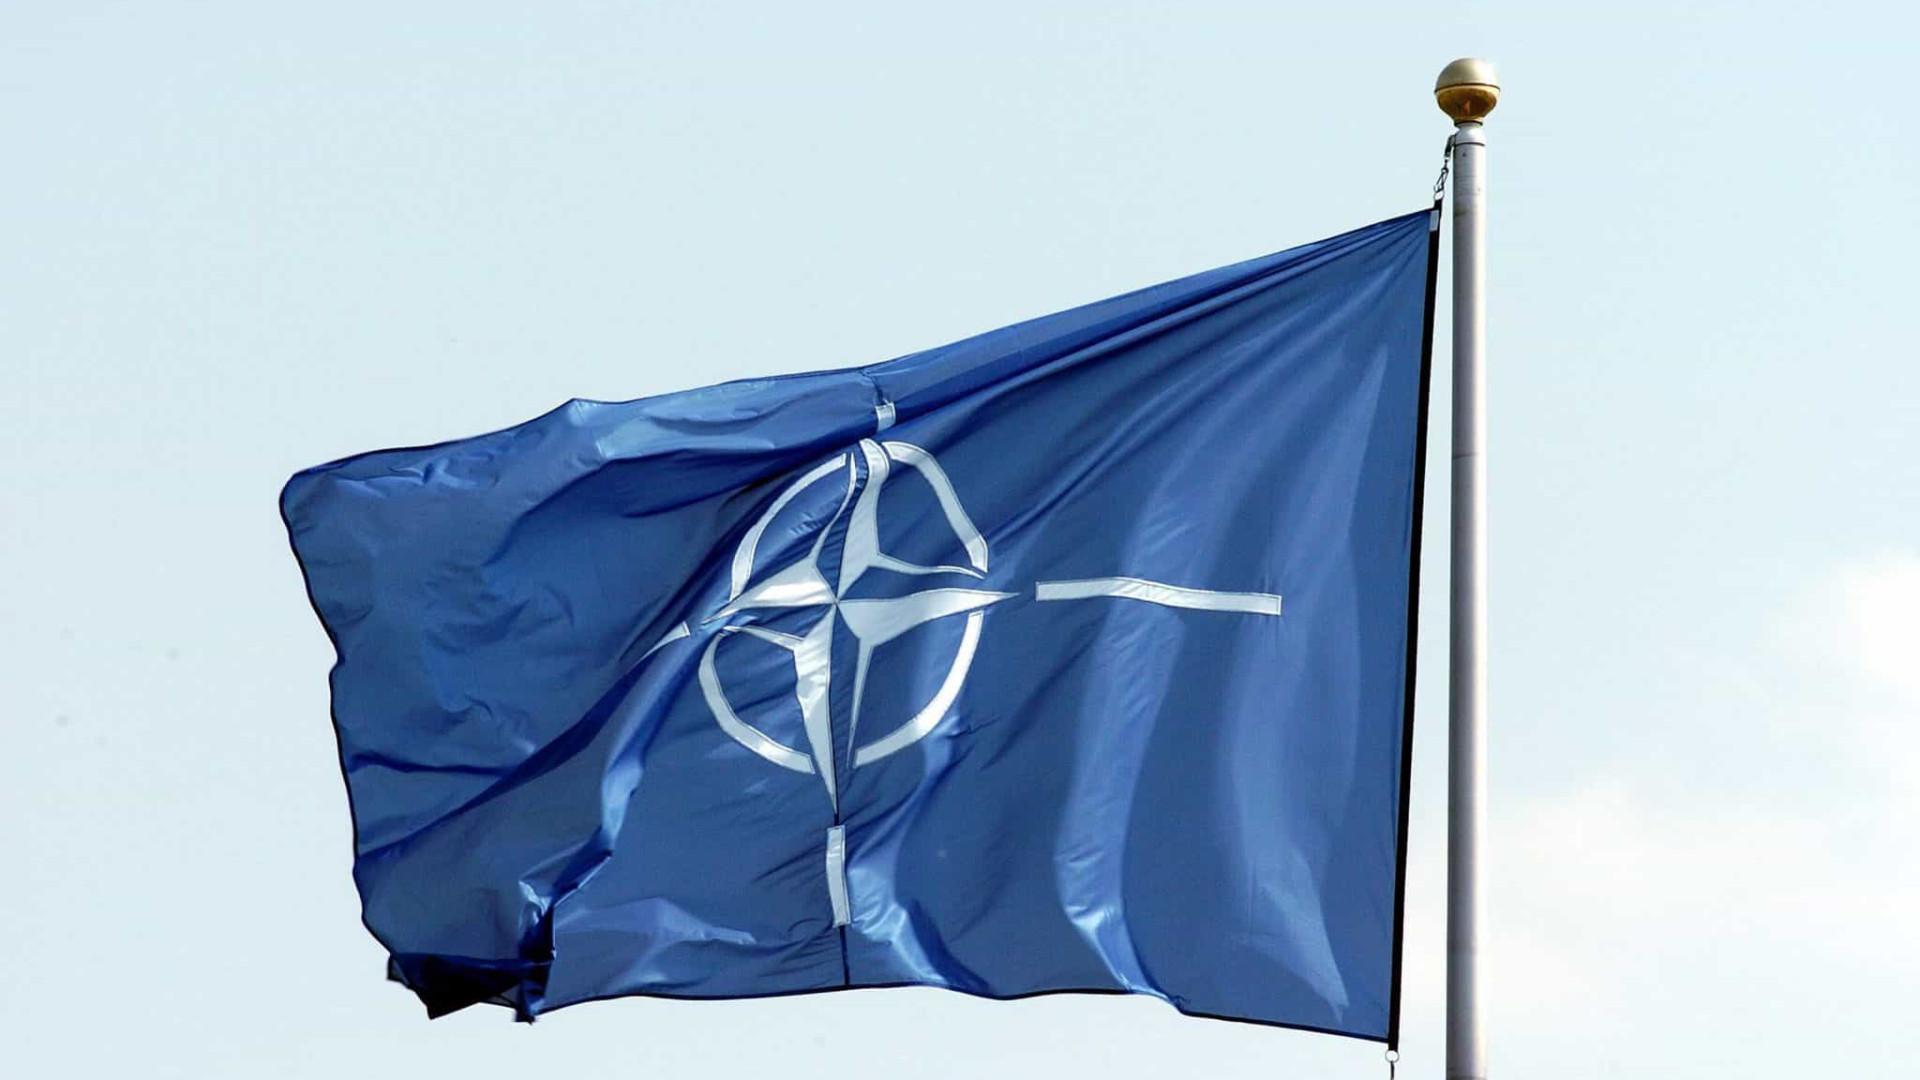 Colômbia anuncia entrada na OTAN como 'sócio global'